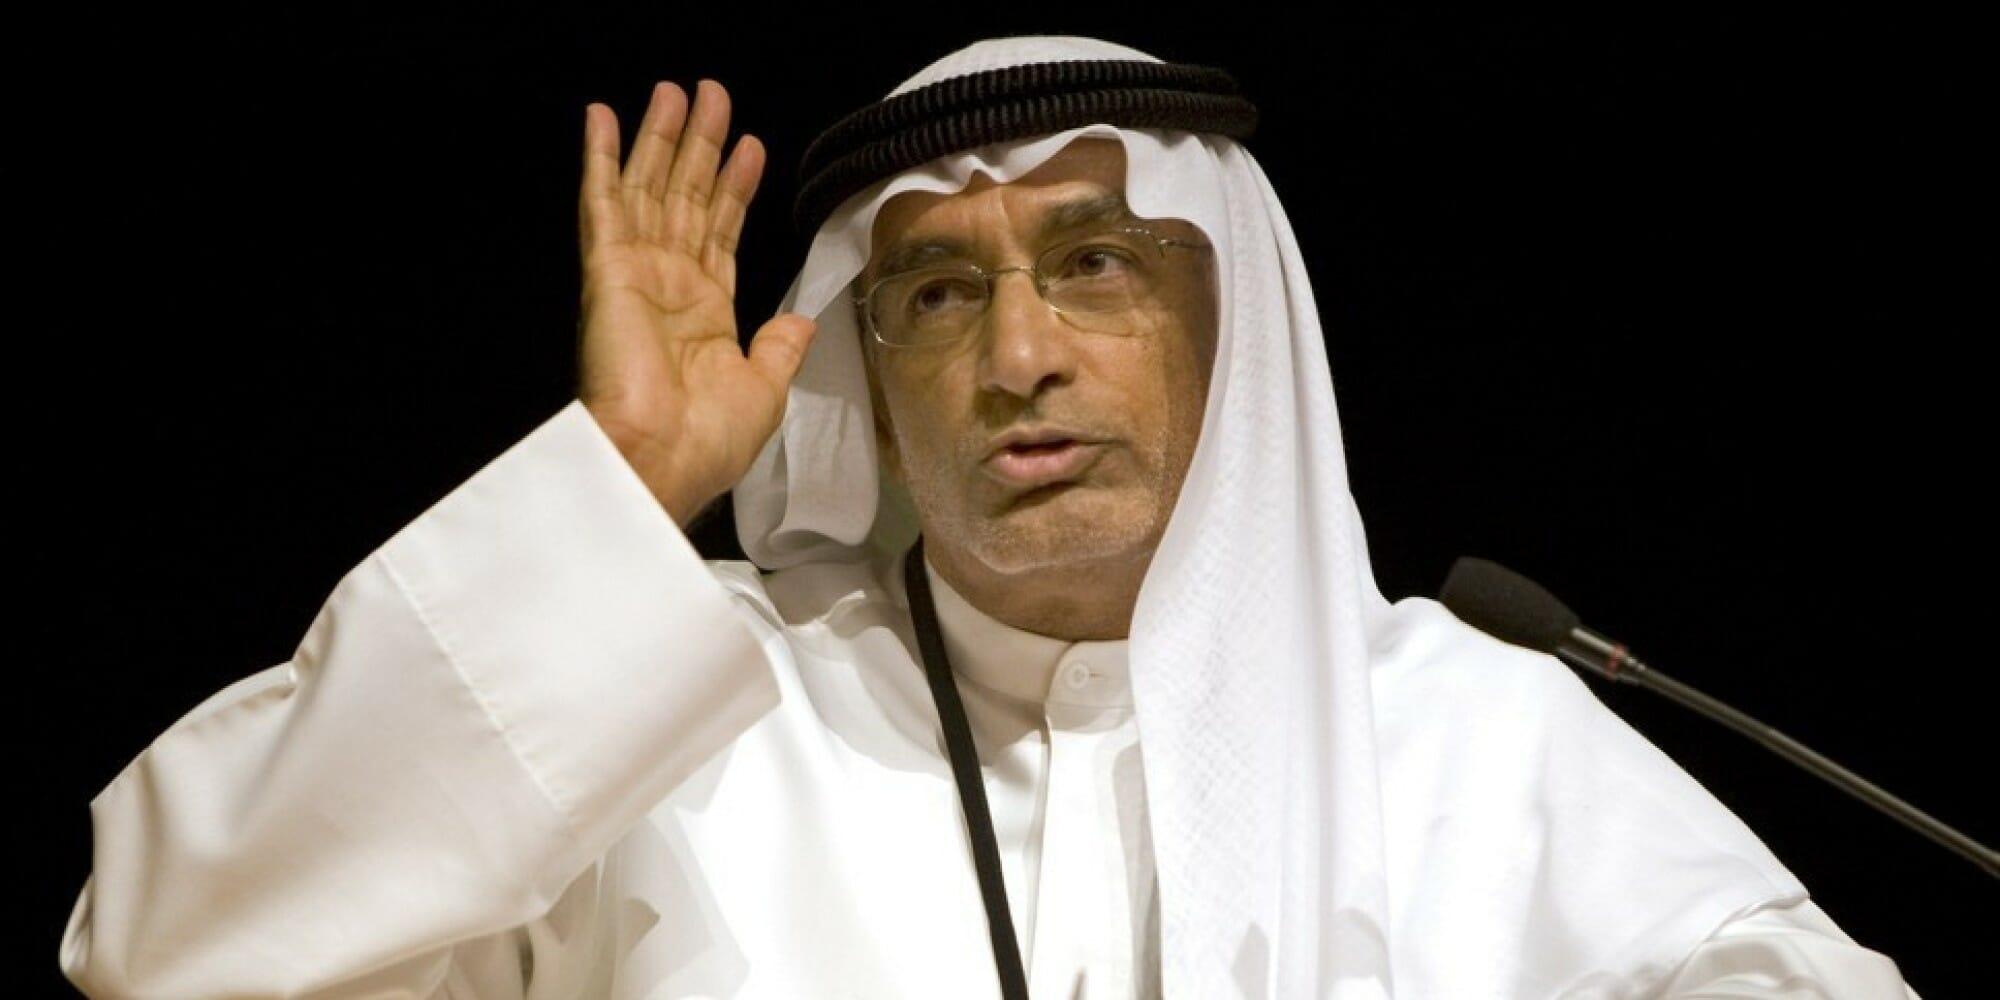 عبدالخالق عبدالله يعلق على علم المثليين